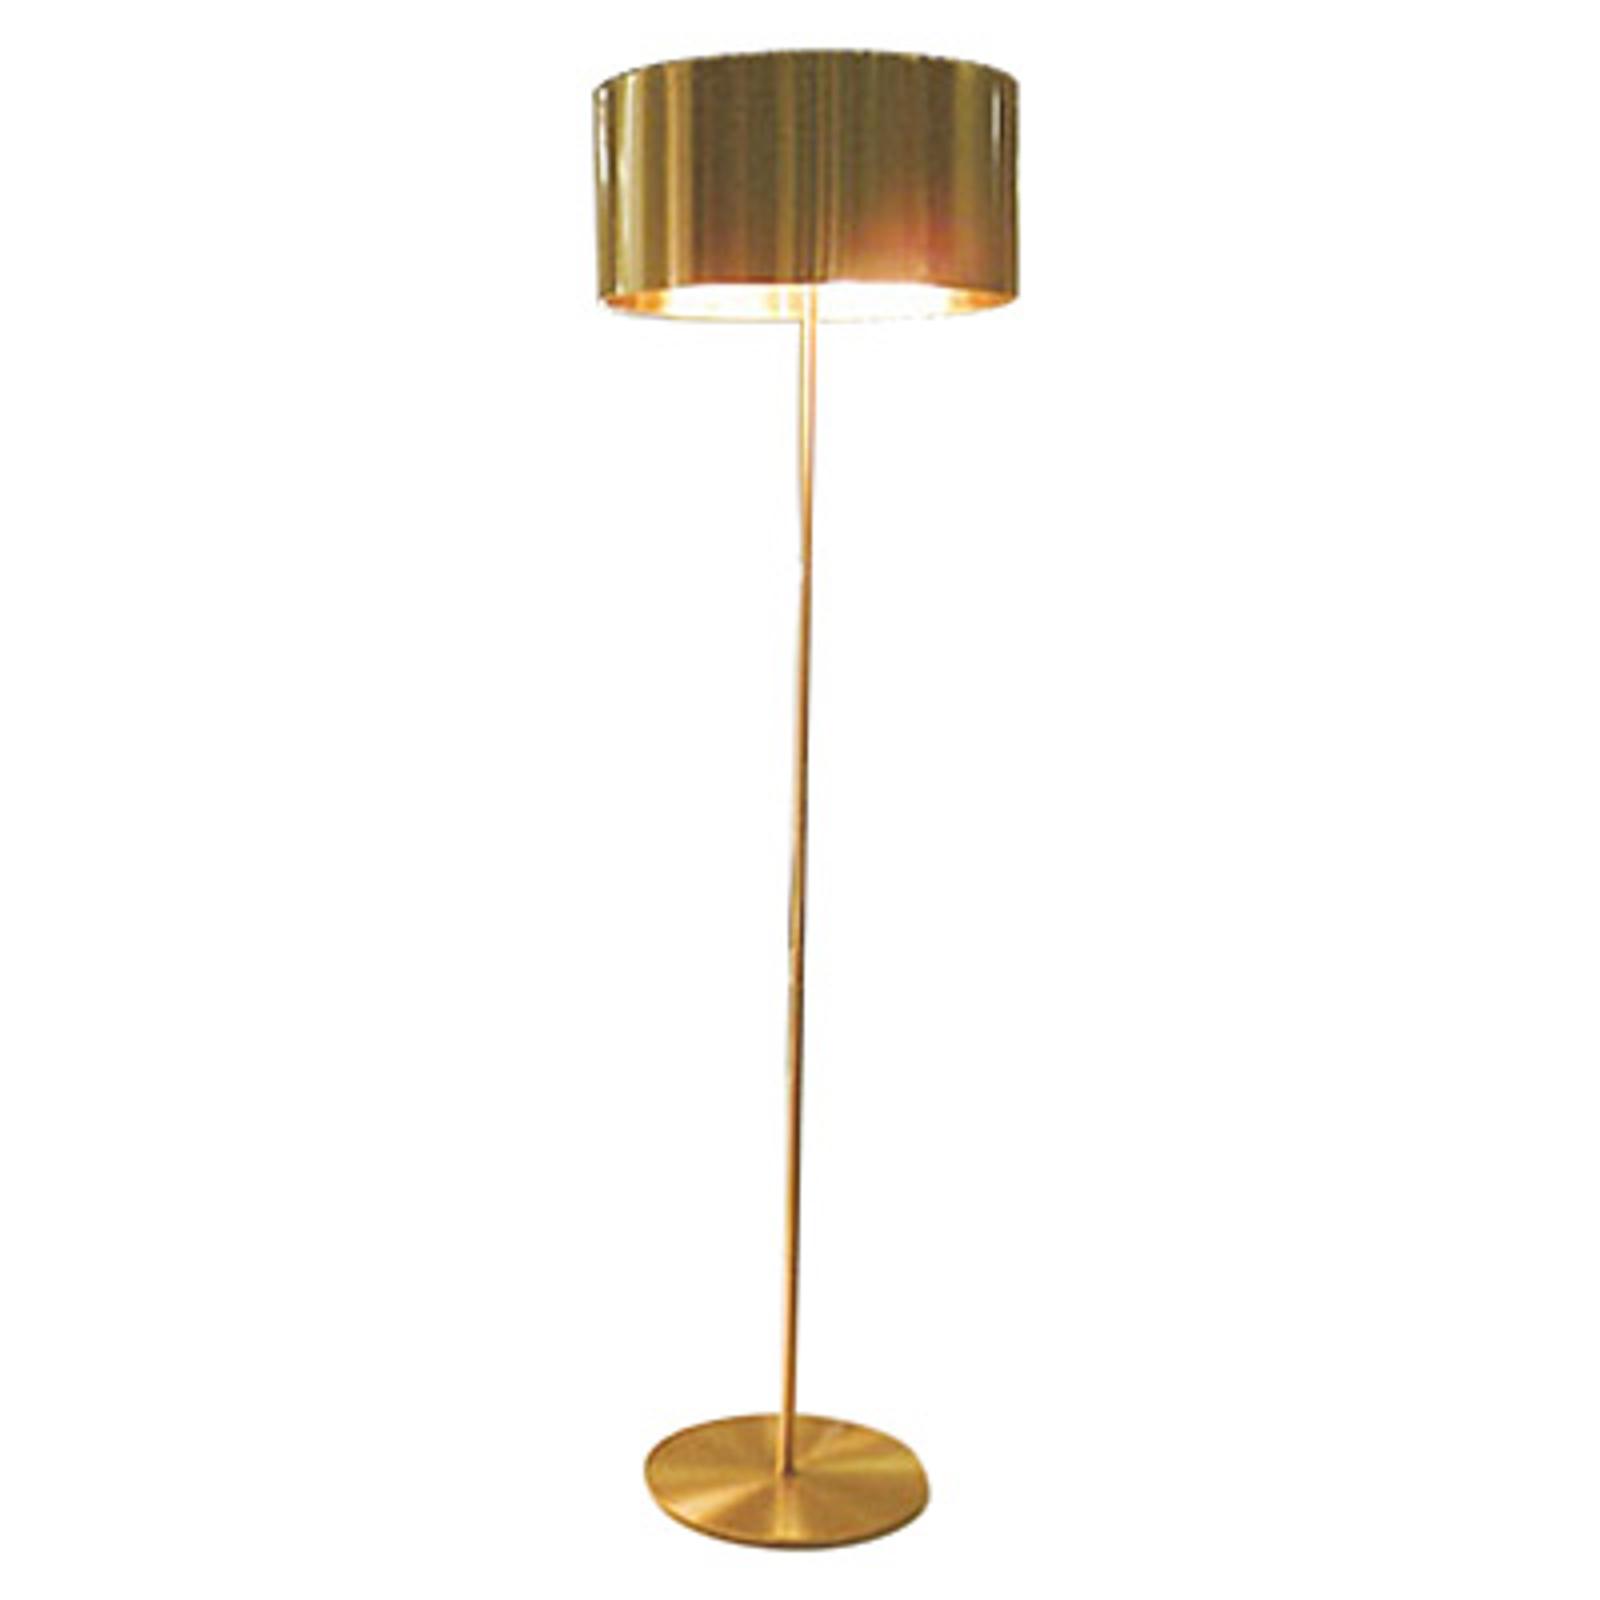 Oluce Switch - lampadaire de designer doré